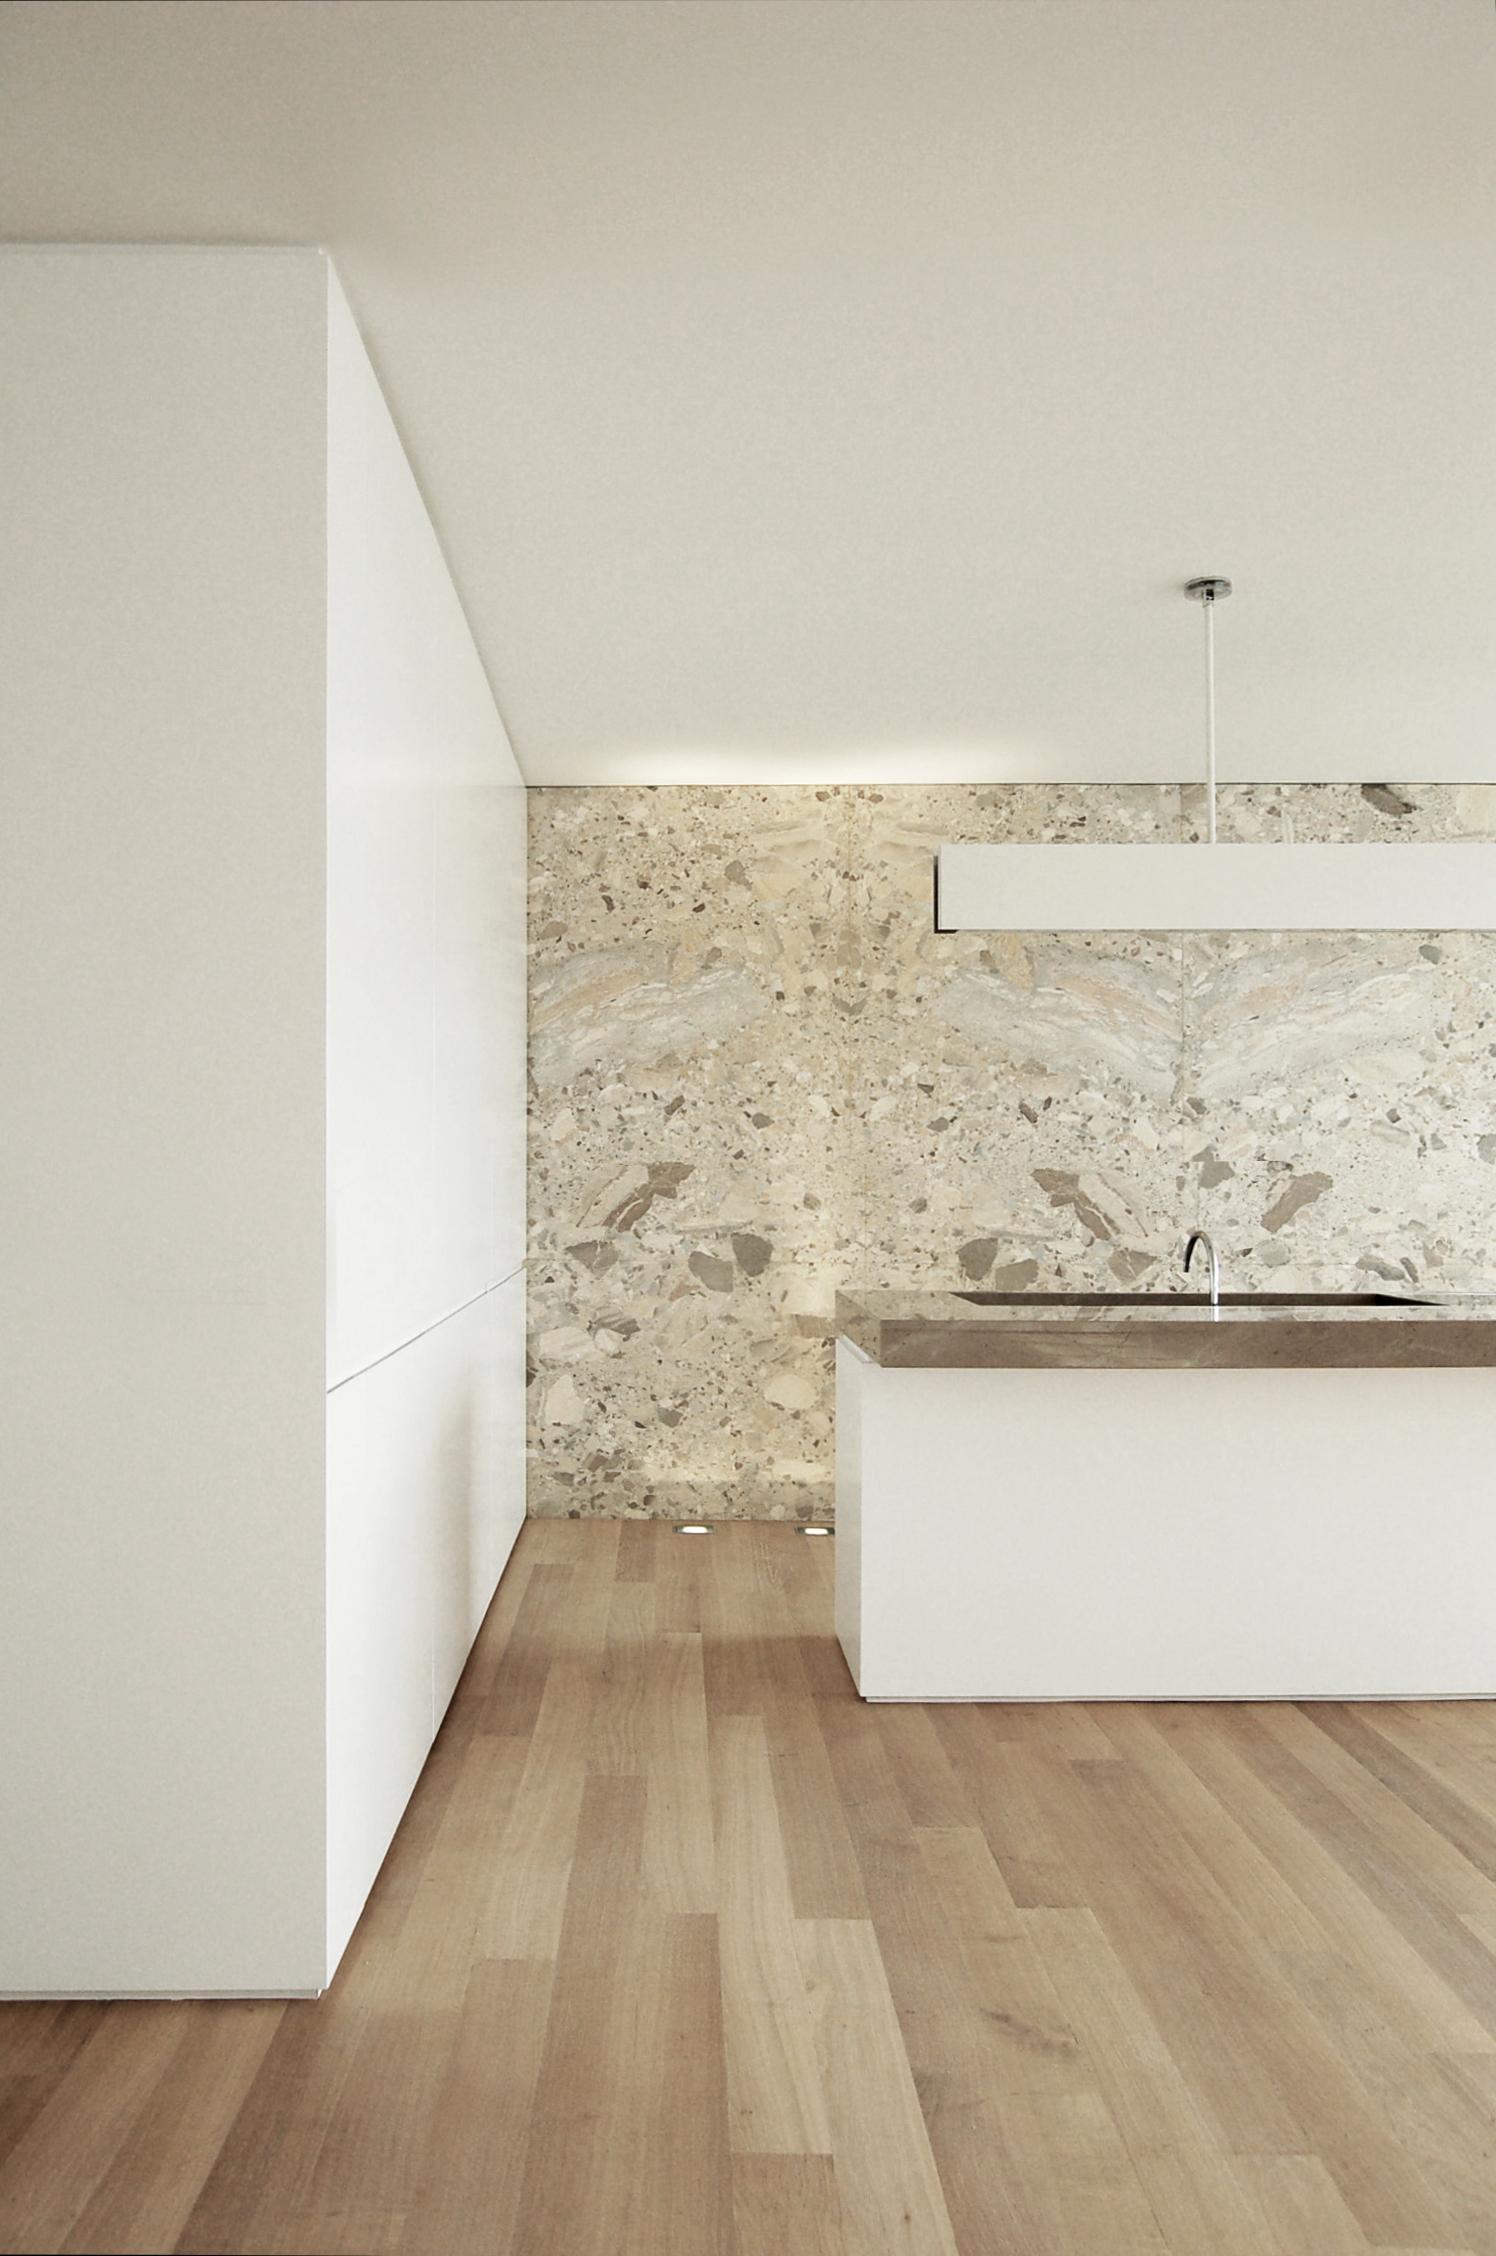 demeestervliegen-architecture-interior-interiorarchitecture-office13.jpg